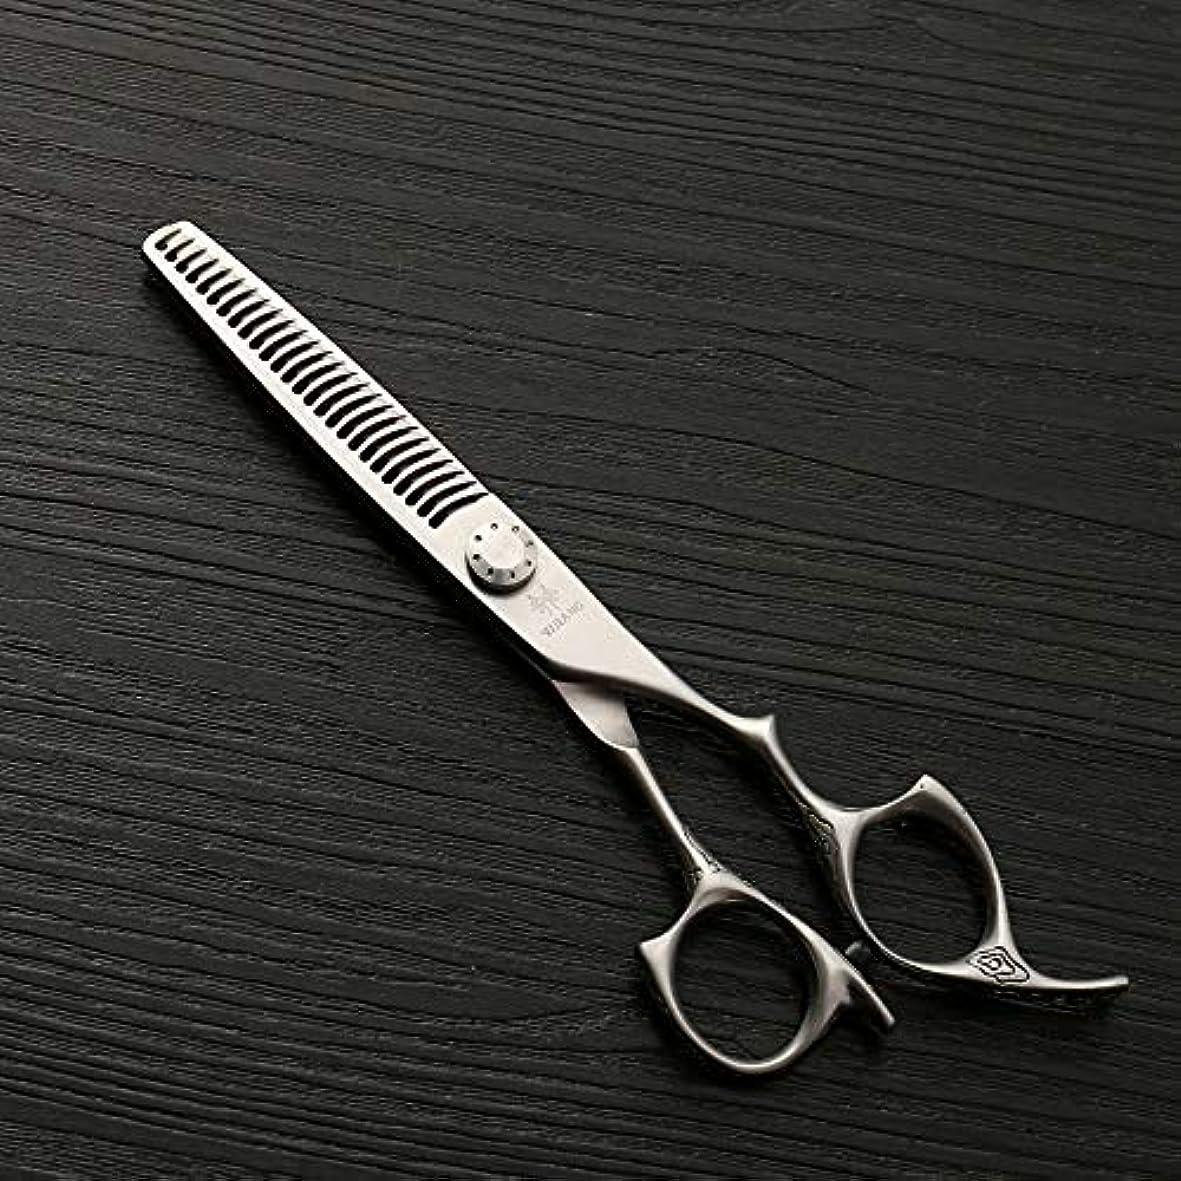 確かなミスロータリー理髪用はさみ 新しいスタイル6インチ美容院プロのヘアカット間伐歯はさみ、26歯アントラー歯理髪はさみヘアカット鋏ステンレス理髪はさみ (色 : Silver)